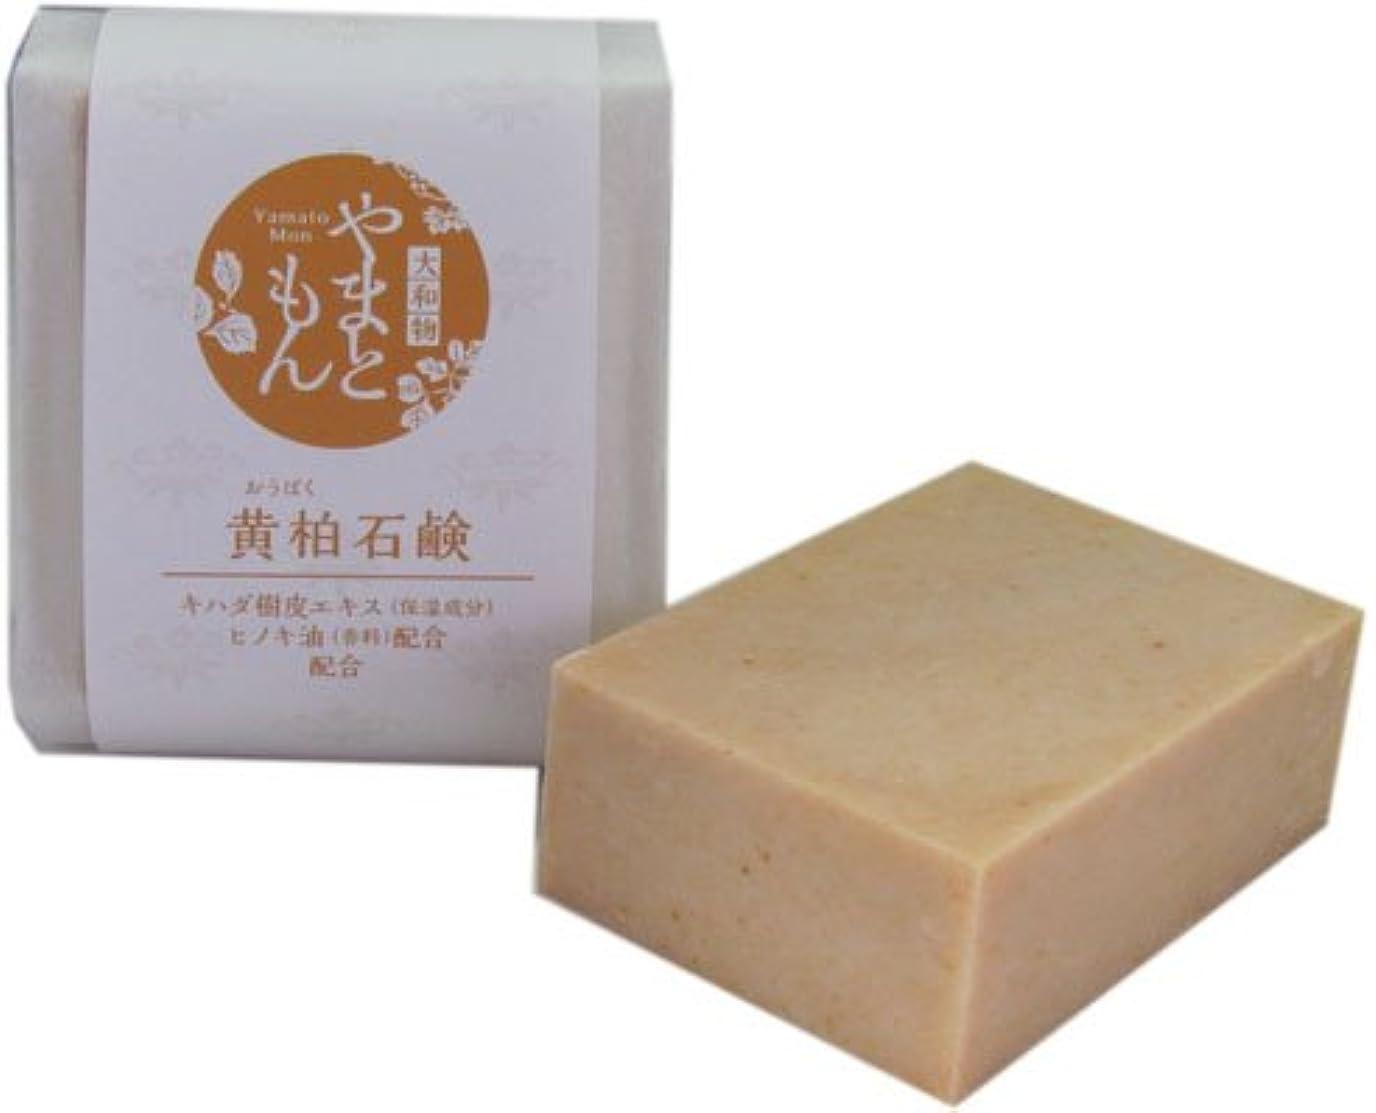 アリーナトマト未払い奈良産和漢生薬エキス使用やまともん化粧品 黄柏石鹸(おうばくせっけん)